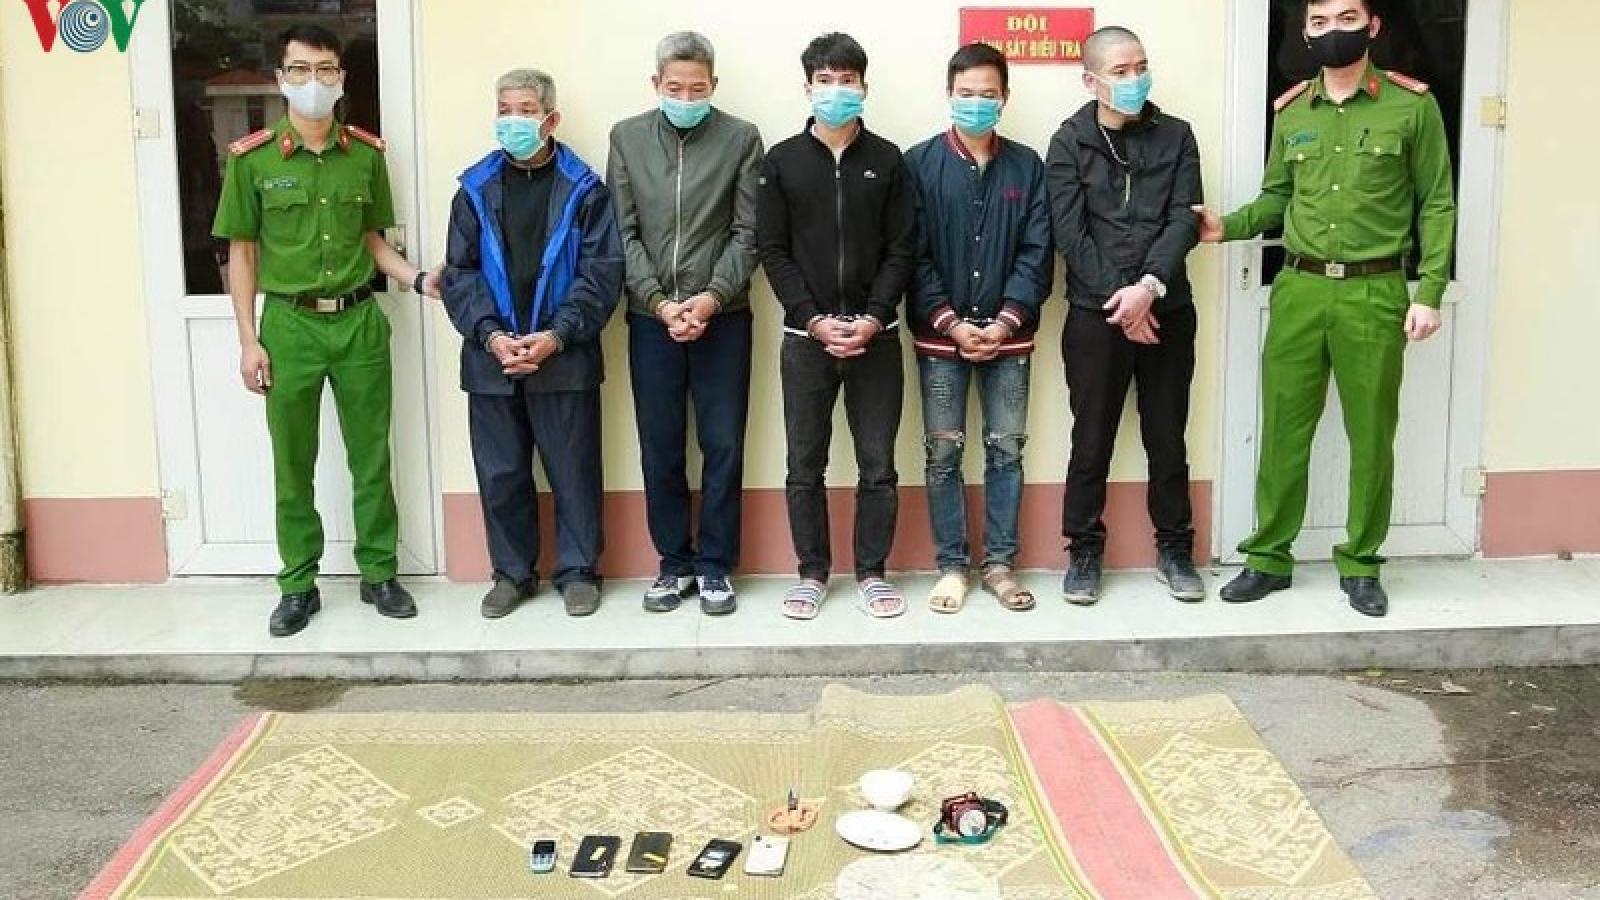 Phá sới bạc di động, tạm giữ hình sự 5 con bạc ở Tiên Yên, Quảng Ninh